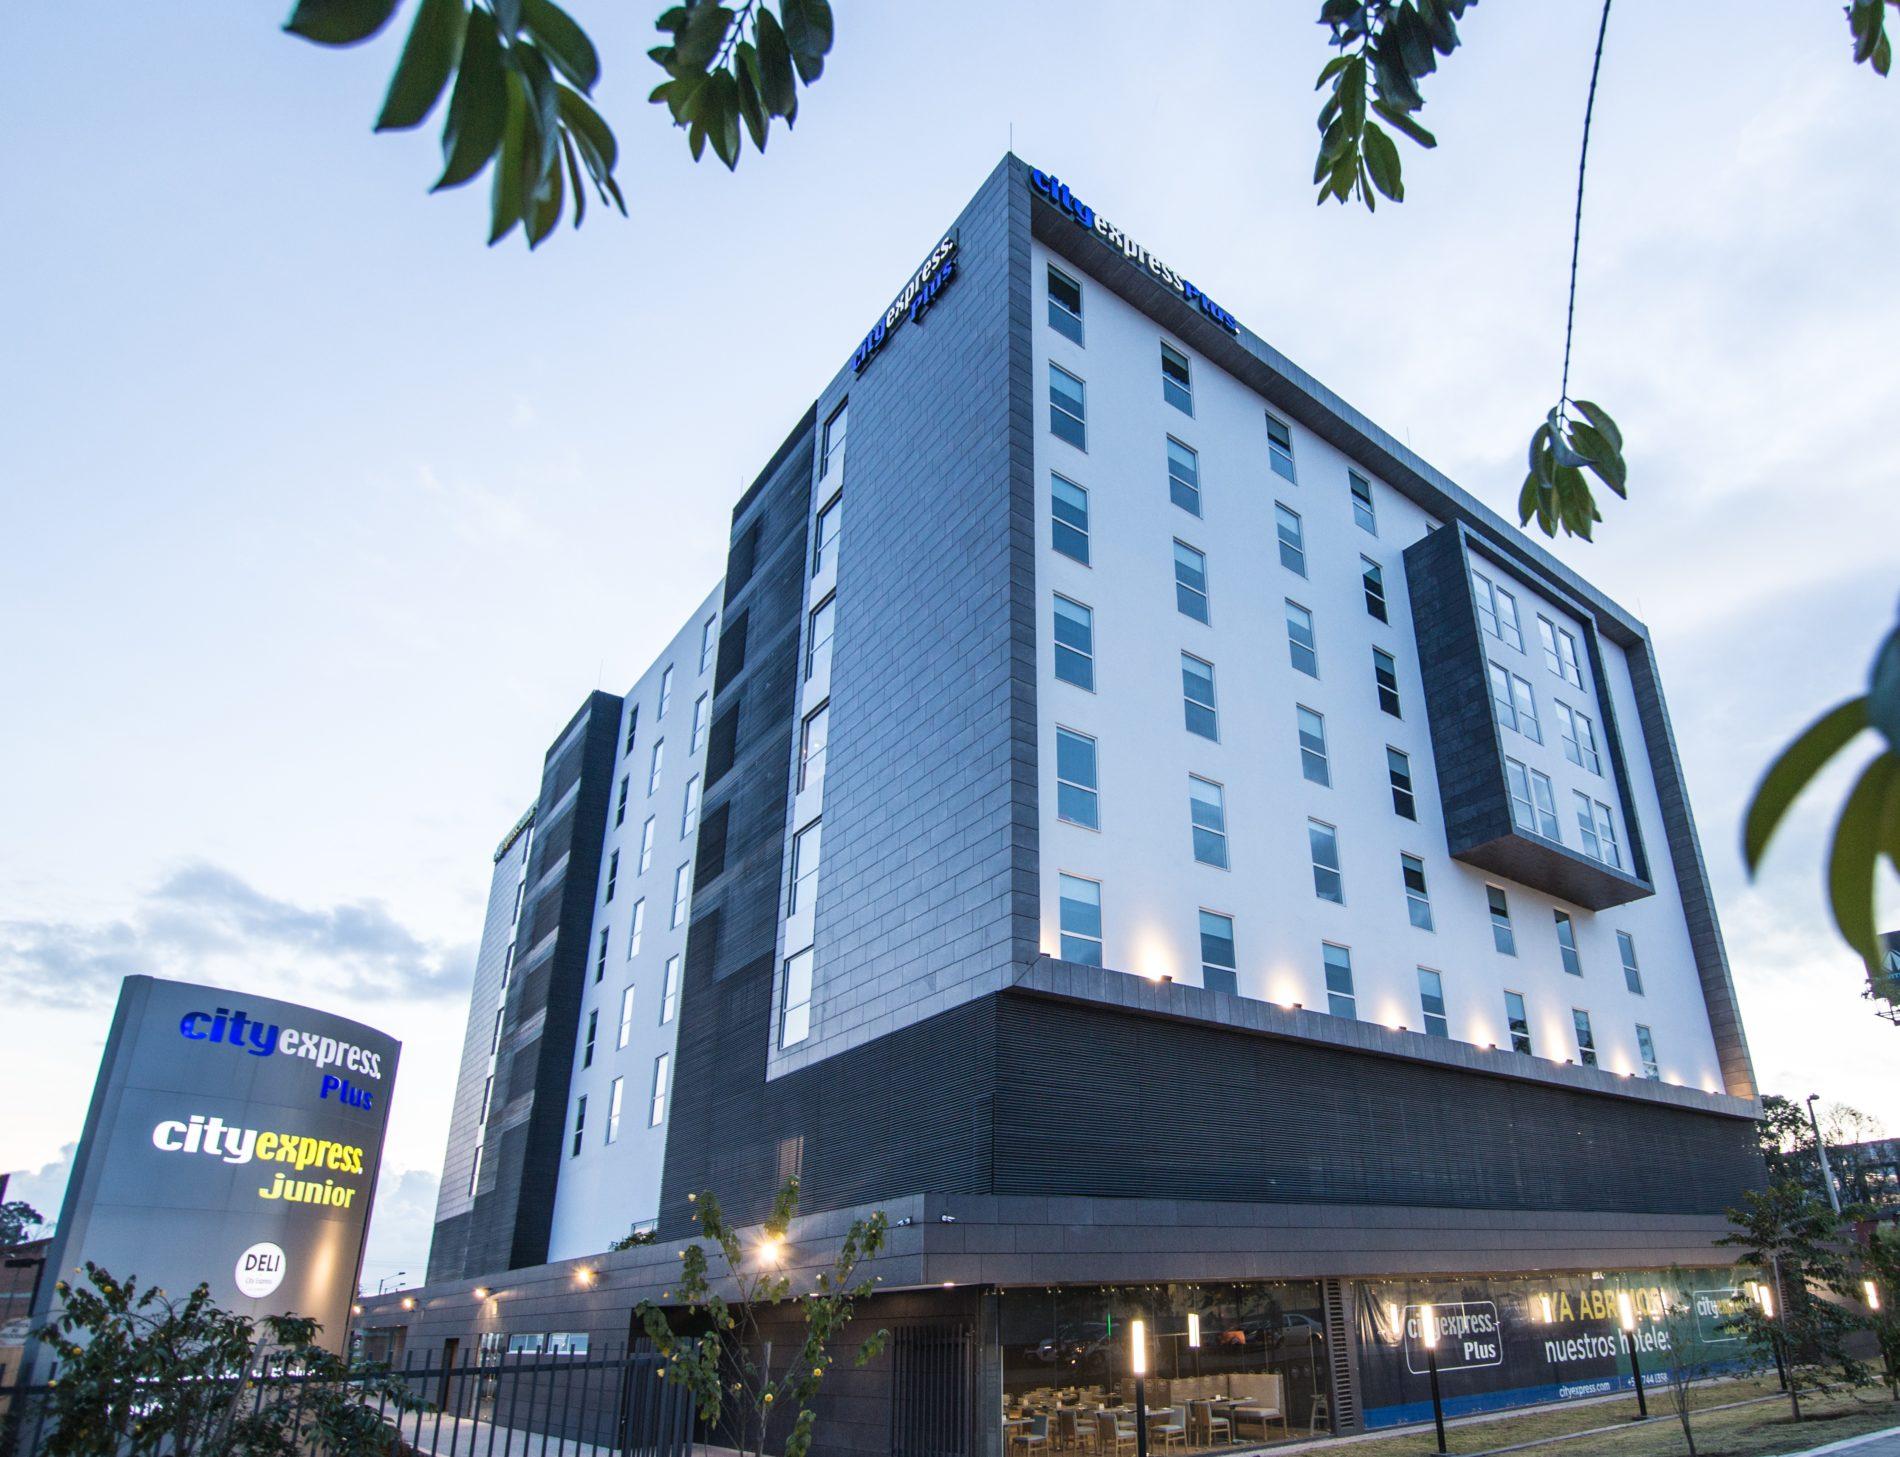 HOTELES CITY EXPRESS FORTALECE SU OPERACIÓN EN COLOMBIA